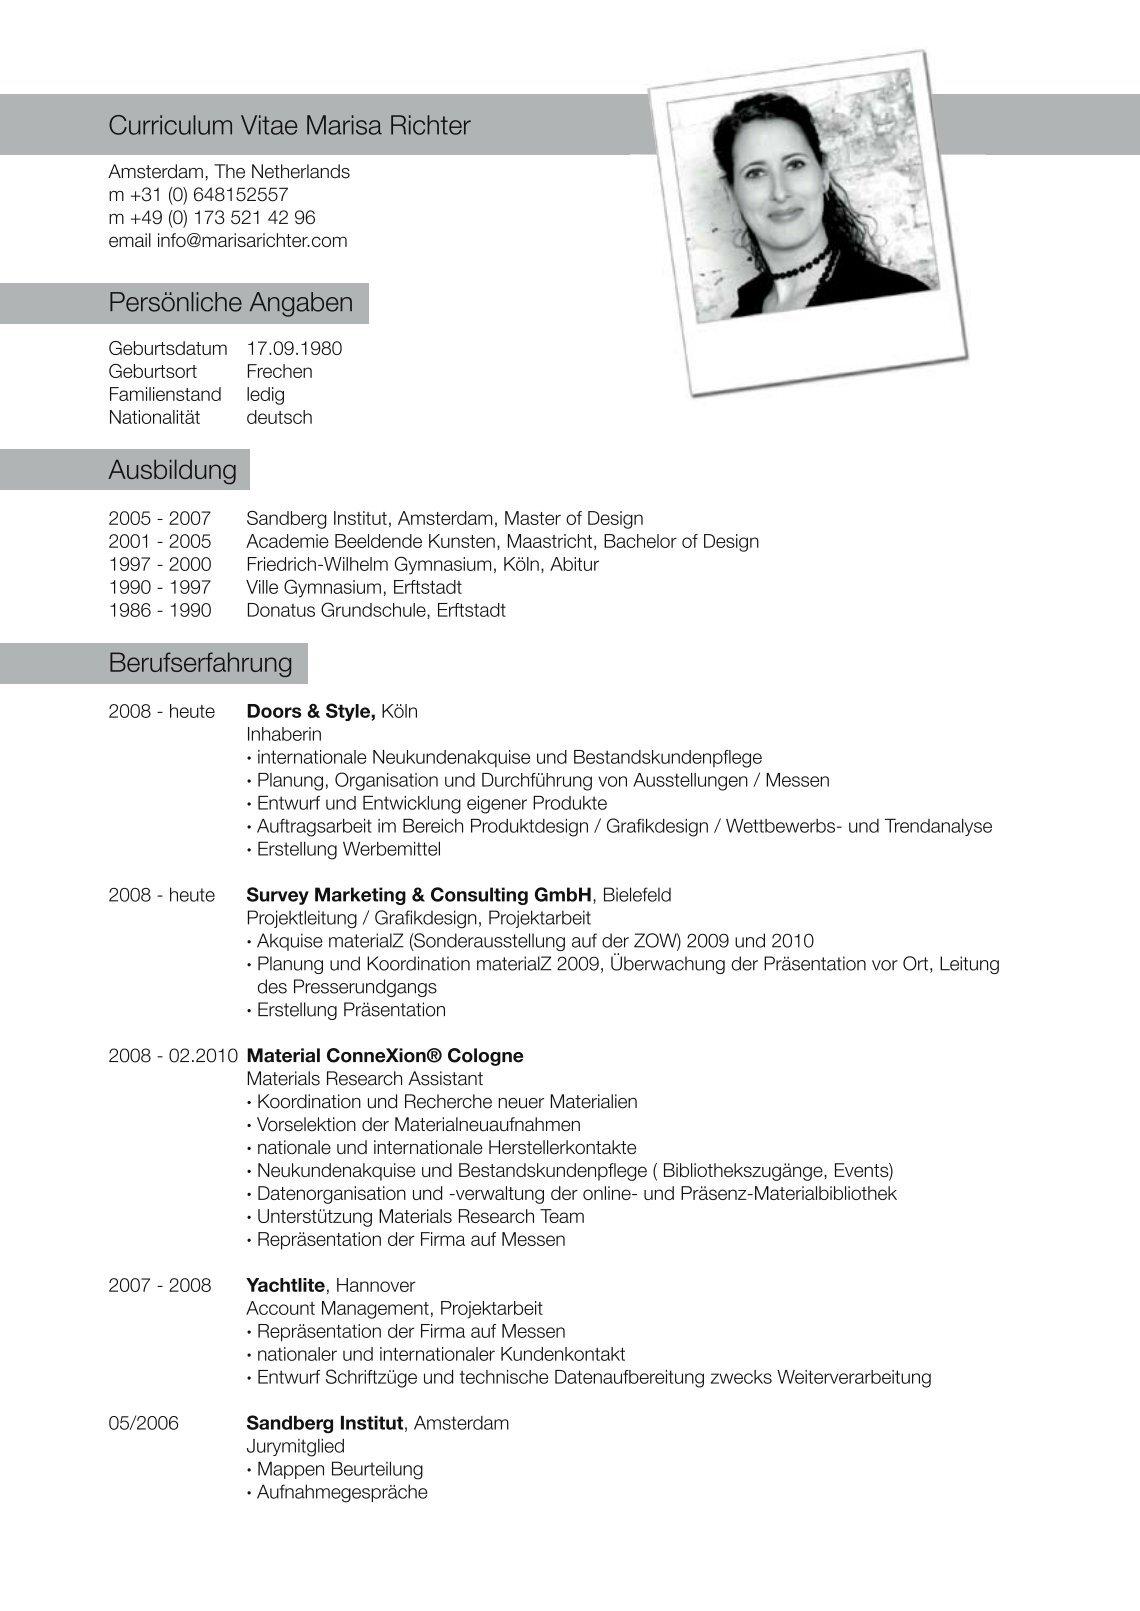 curriculum vitae auf deutsch